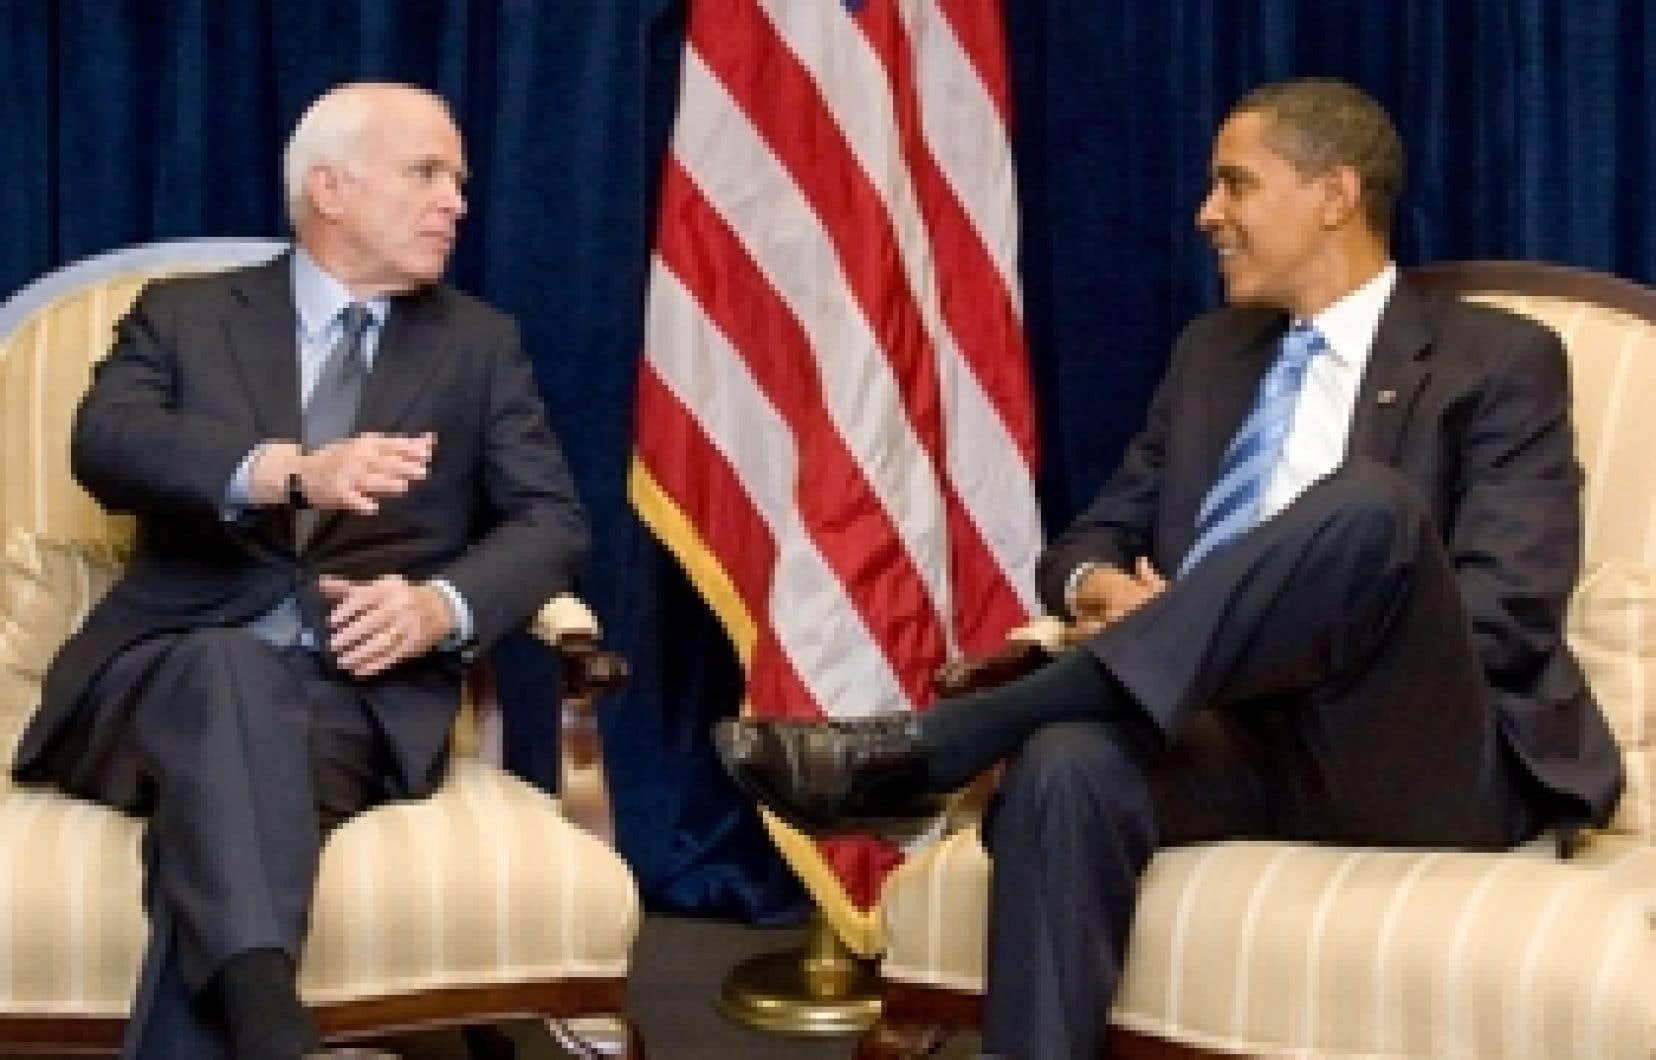 John McCain et Barack Obama se sont rencontrés hier à Chicago, treize jours seulement après le scrutin présidentiel.